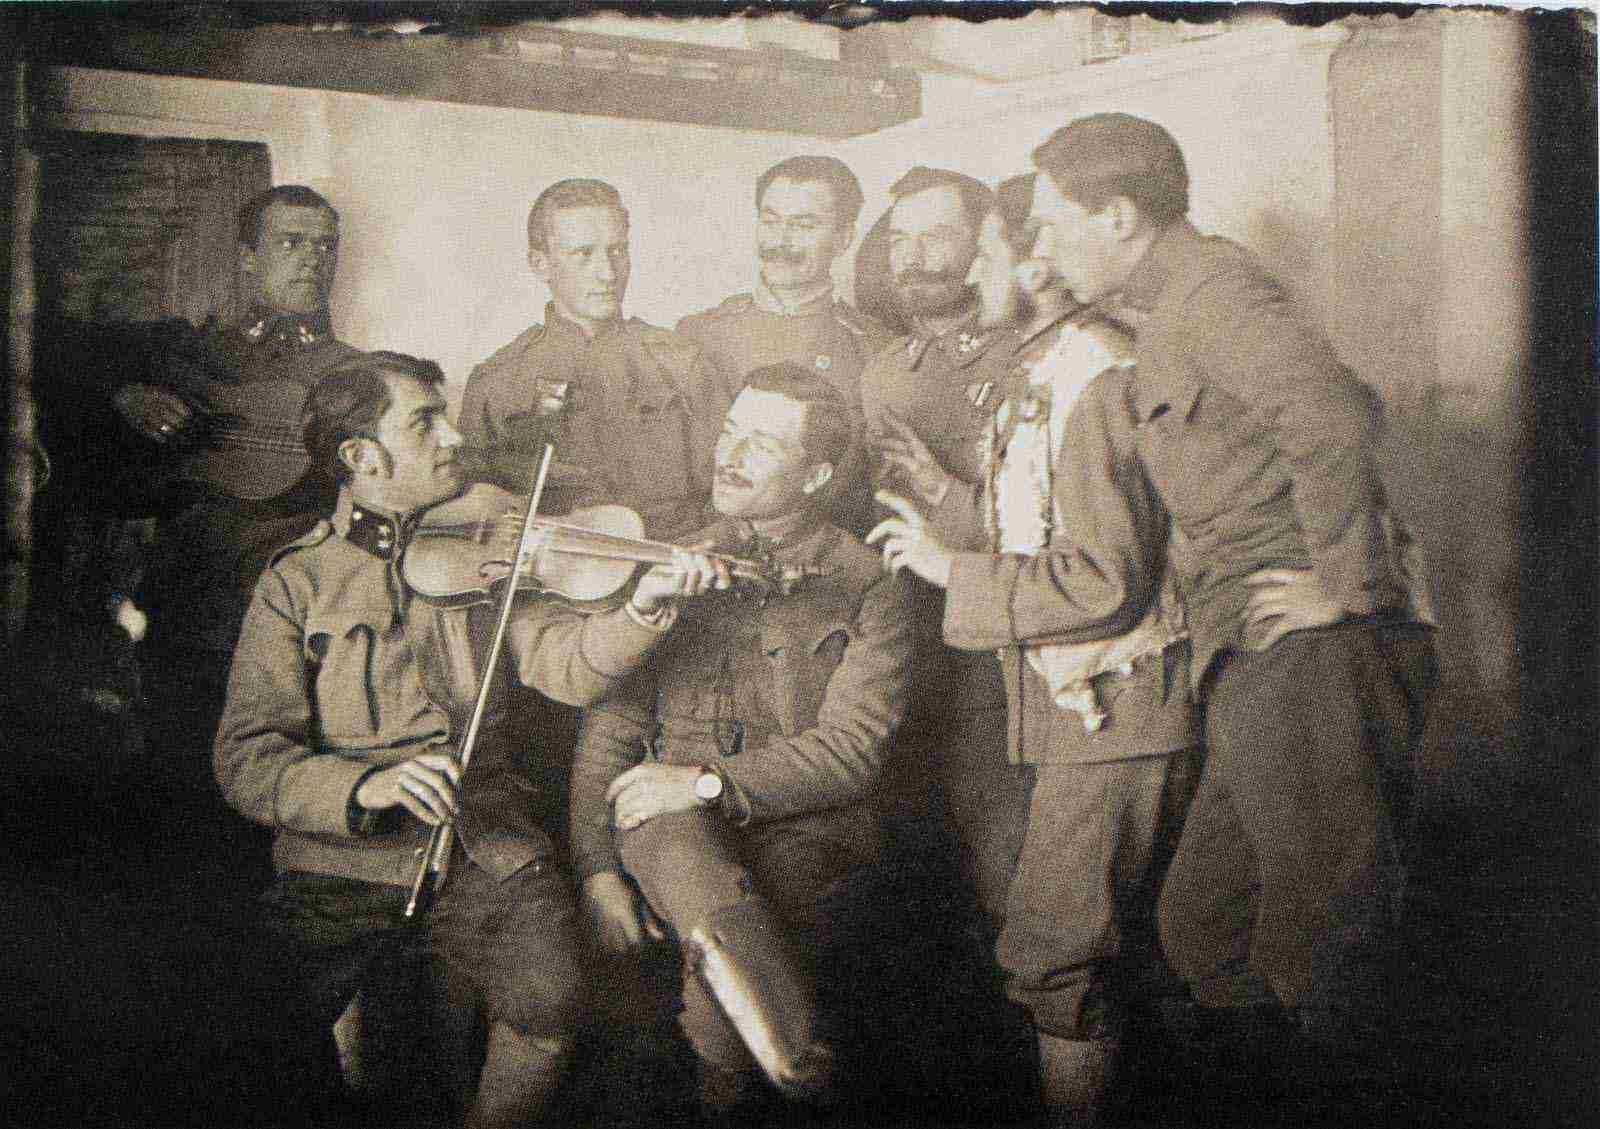 Українські Галицькі Стрільці булавного відділу І полку Легіону УС